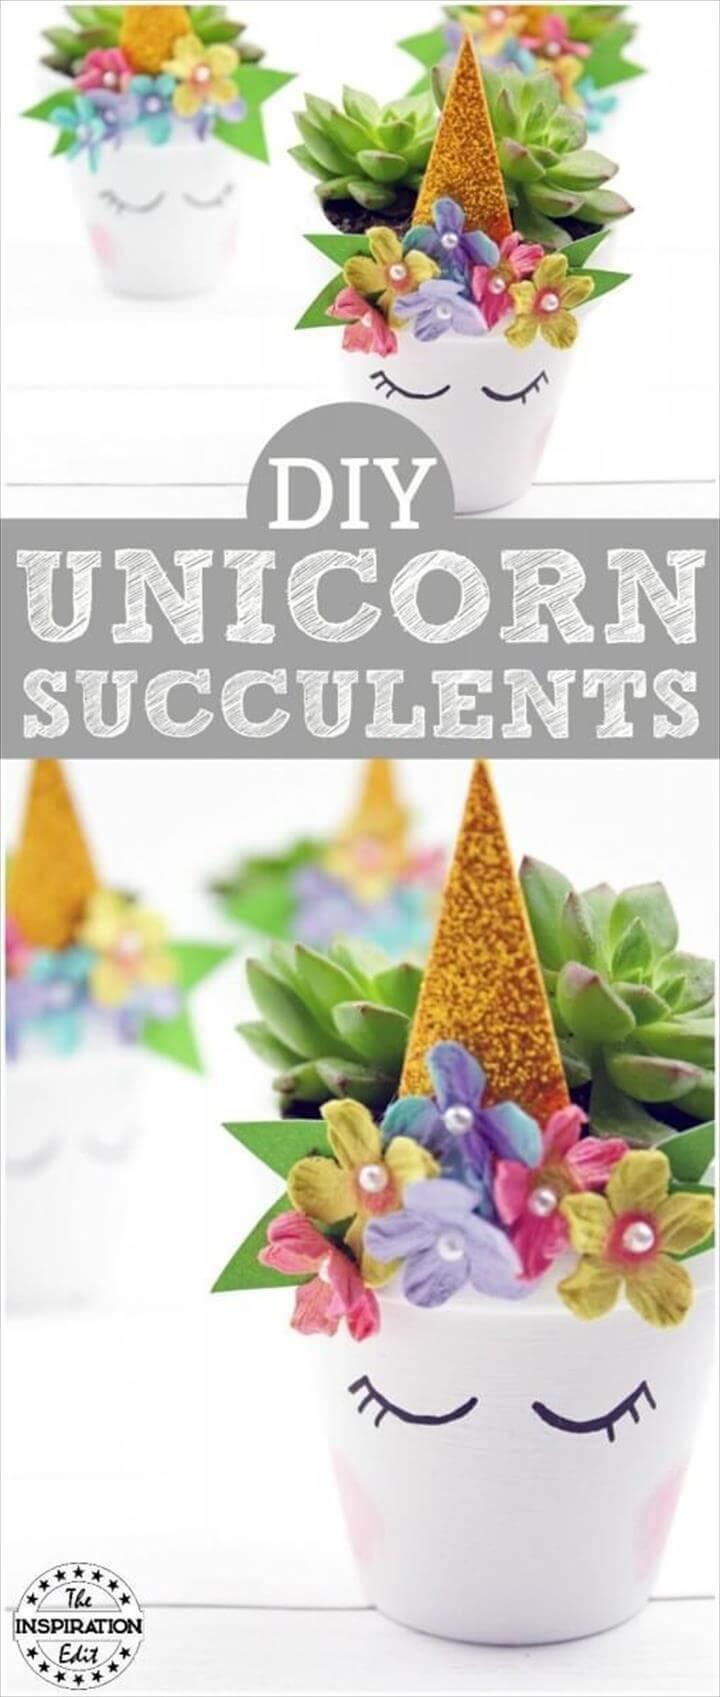 DIY Colorful Unicorn Succulent Planters